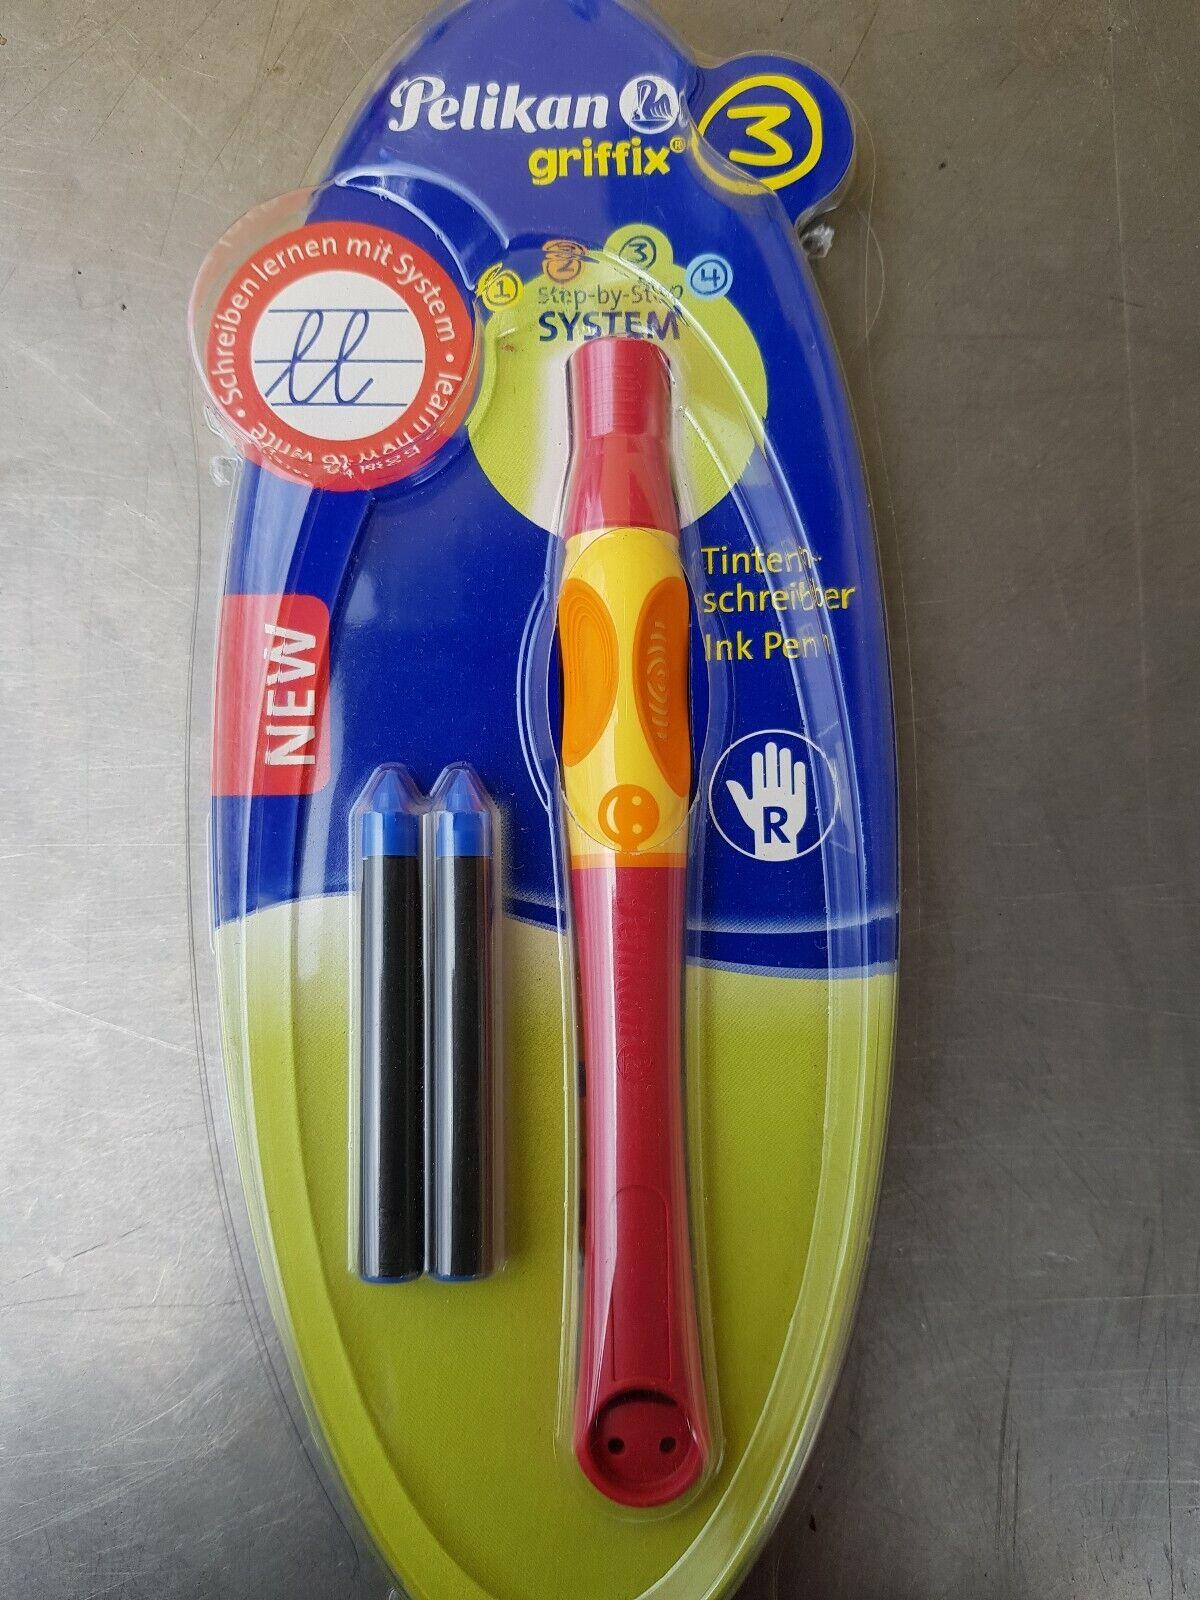 Farbe cherry//rot für Rechtshänder Pelikan Griffix3 Tintenschreiber